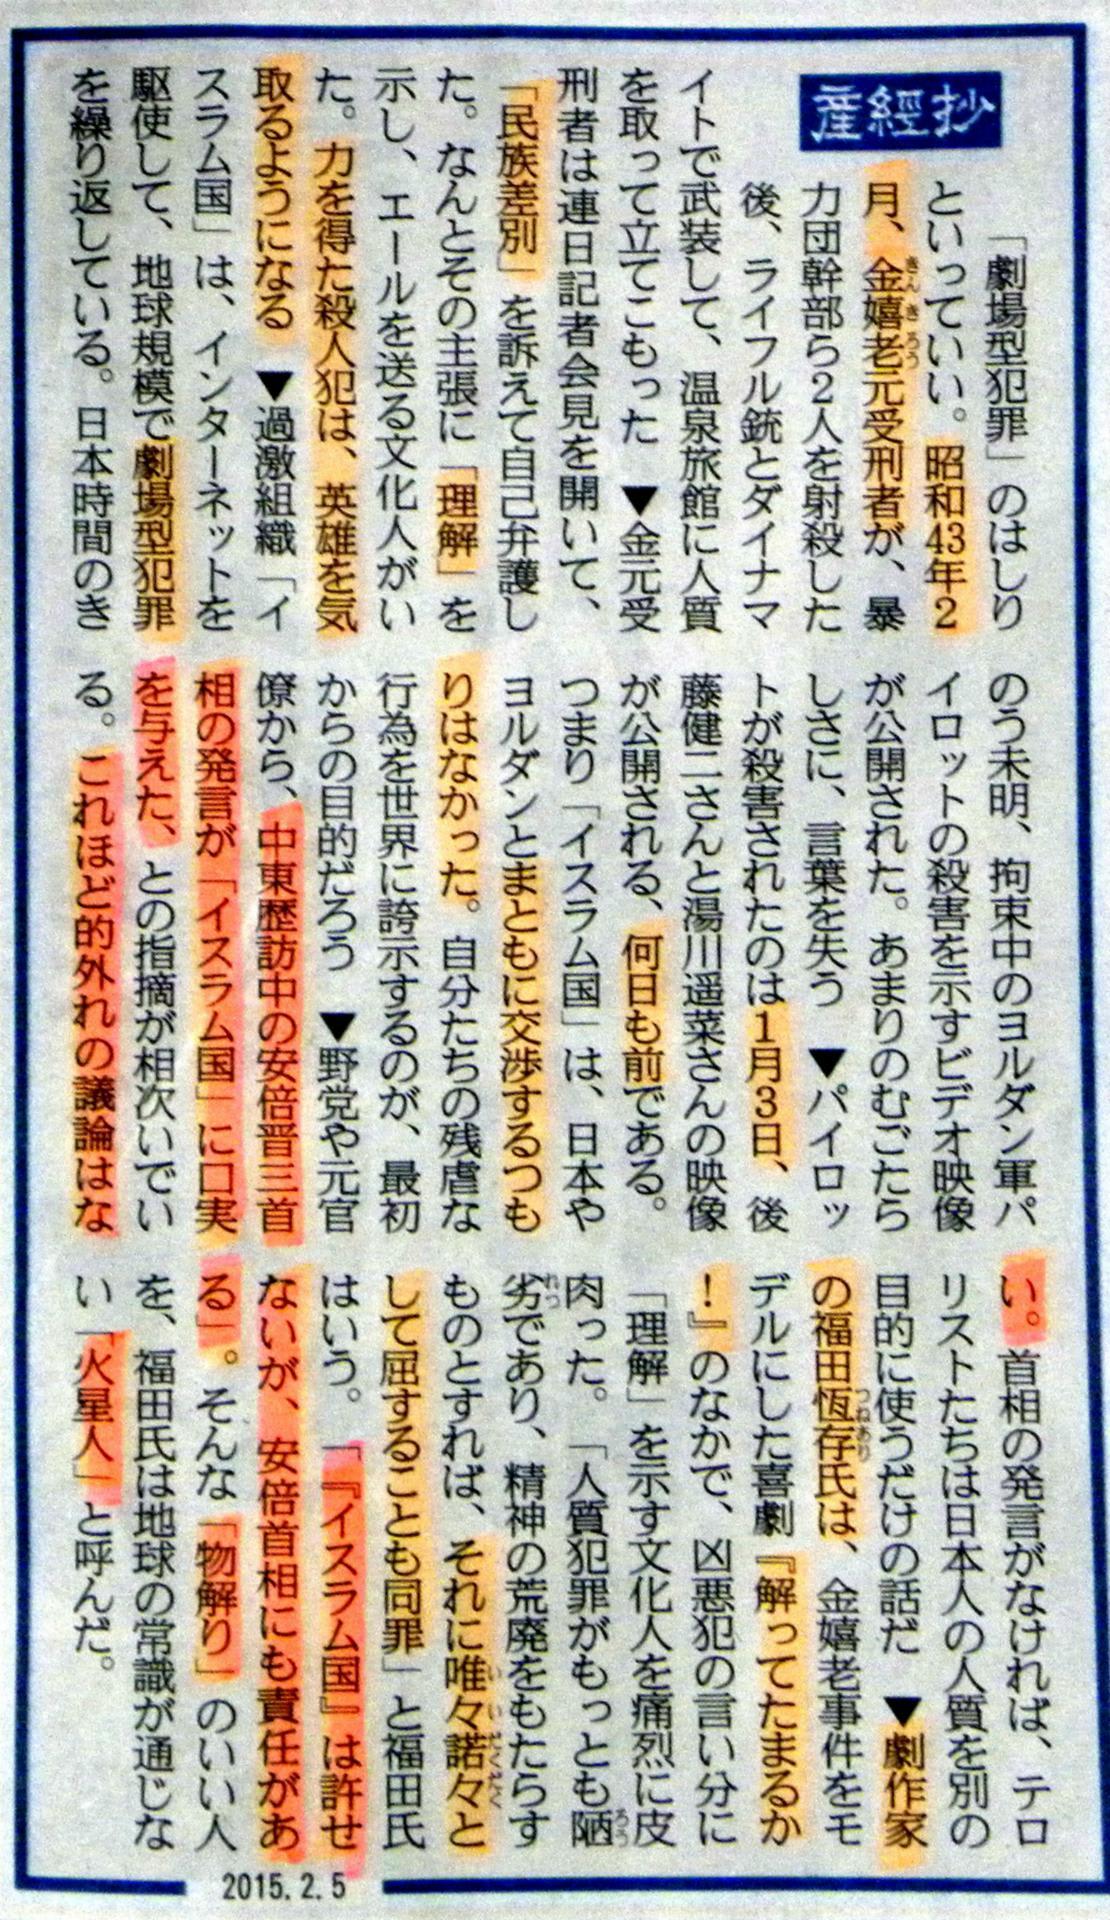 産経抄「イスラム国」習氏の独裁政治 賢太/山口の新聞・雑誌特選